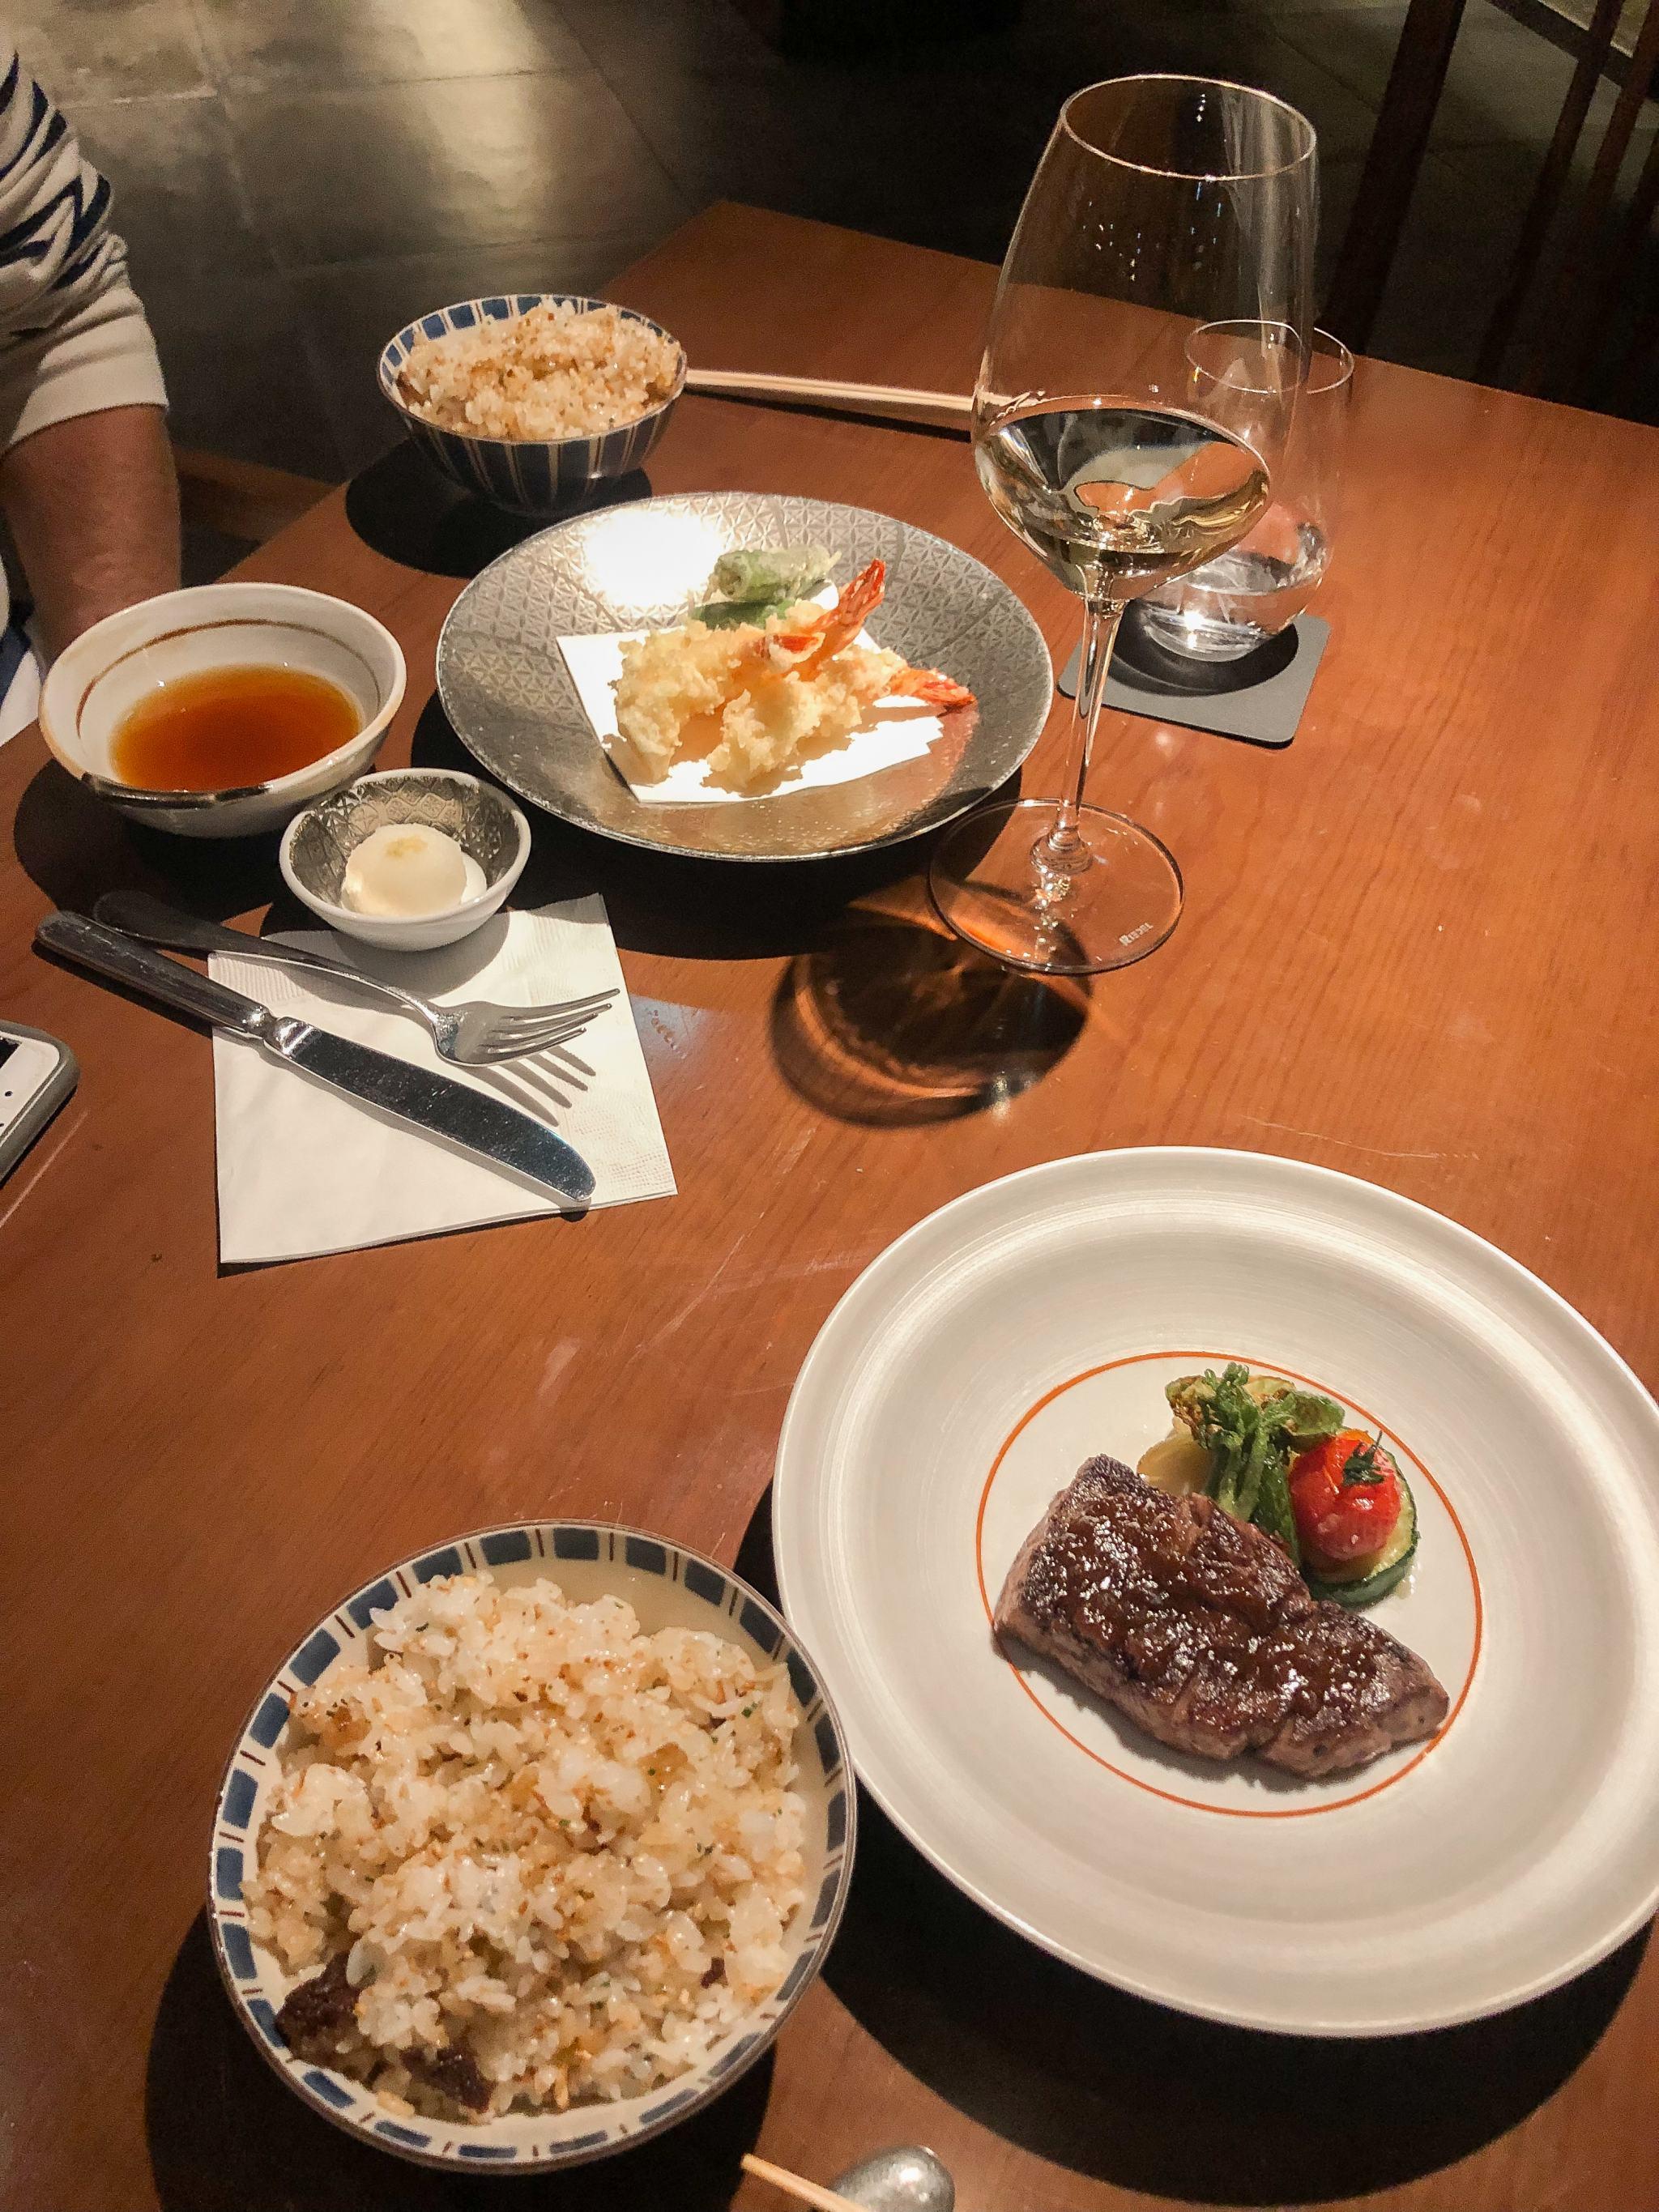 kobe beef - tokyo hilton - junisoh restaurant at tokyo hilton - upscale japanese restaurant in tokyo